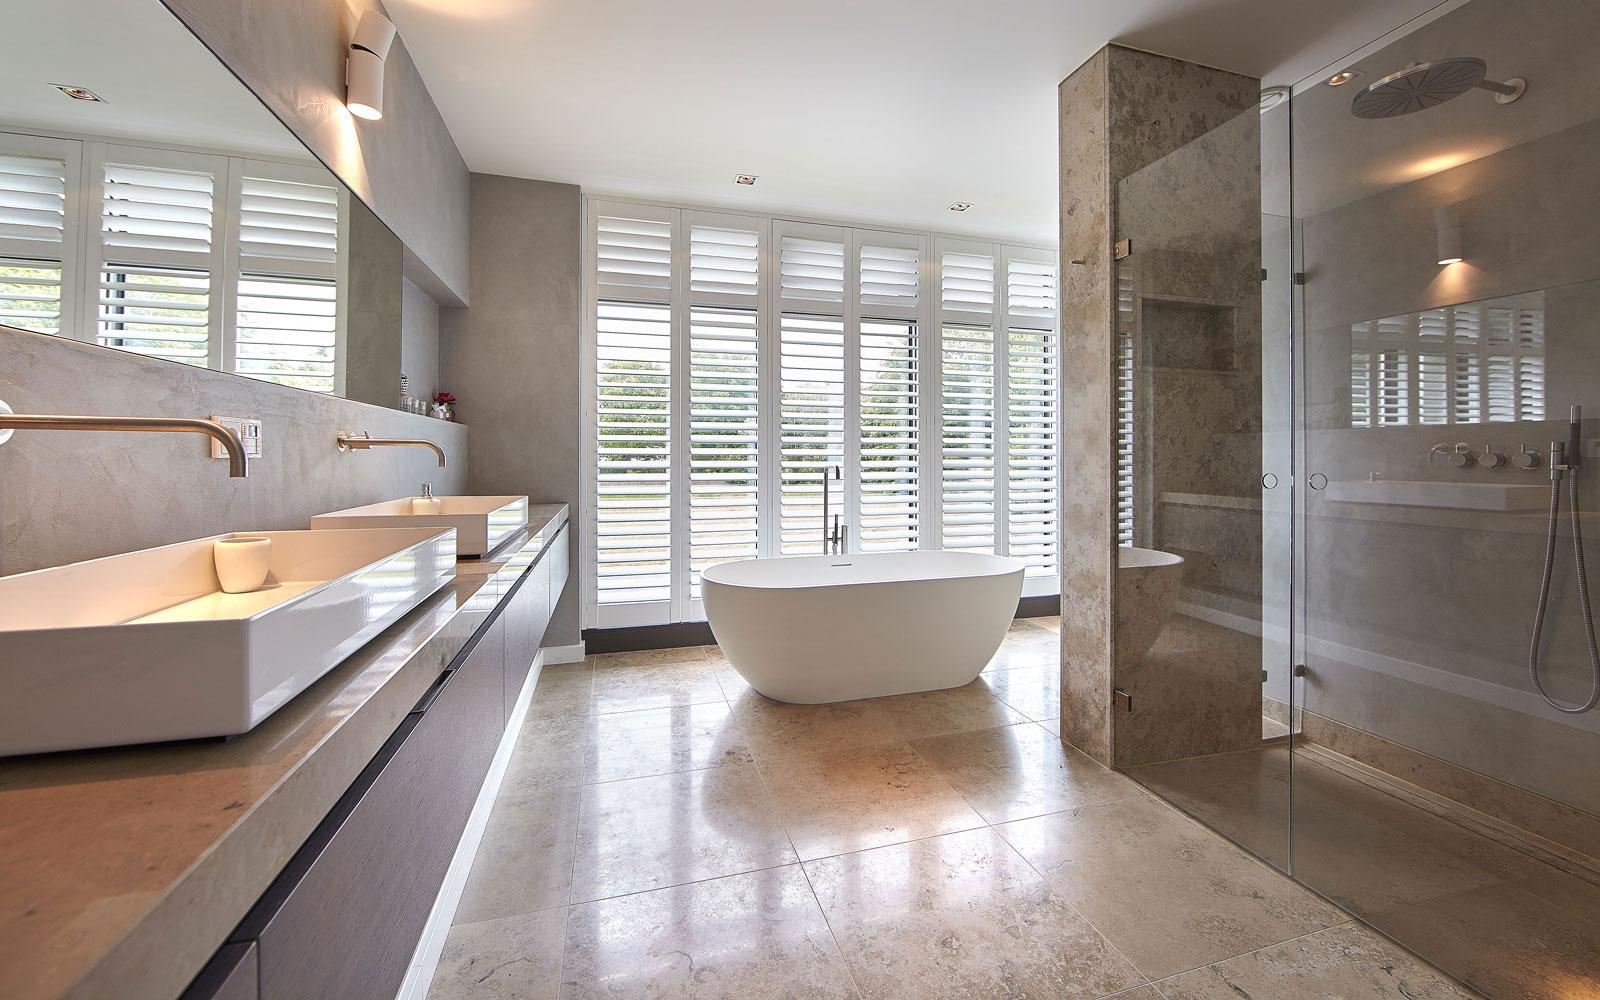 Badkamer, wastafel, marmer, RMN Shutters, vrijstaand bad, onderscheidende villa, Marco van Veldhuizen